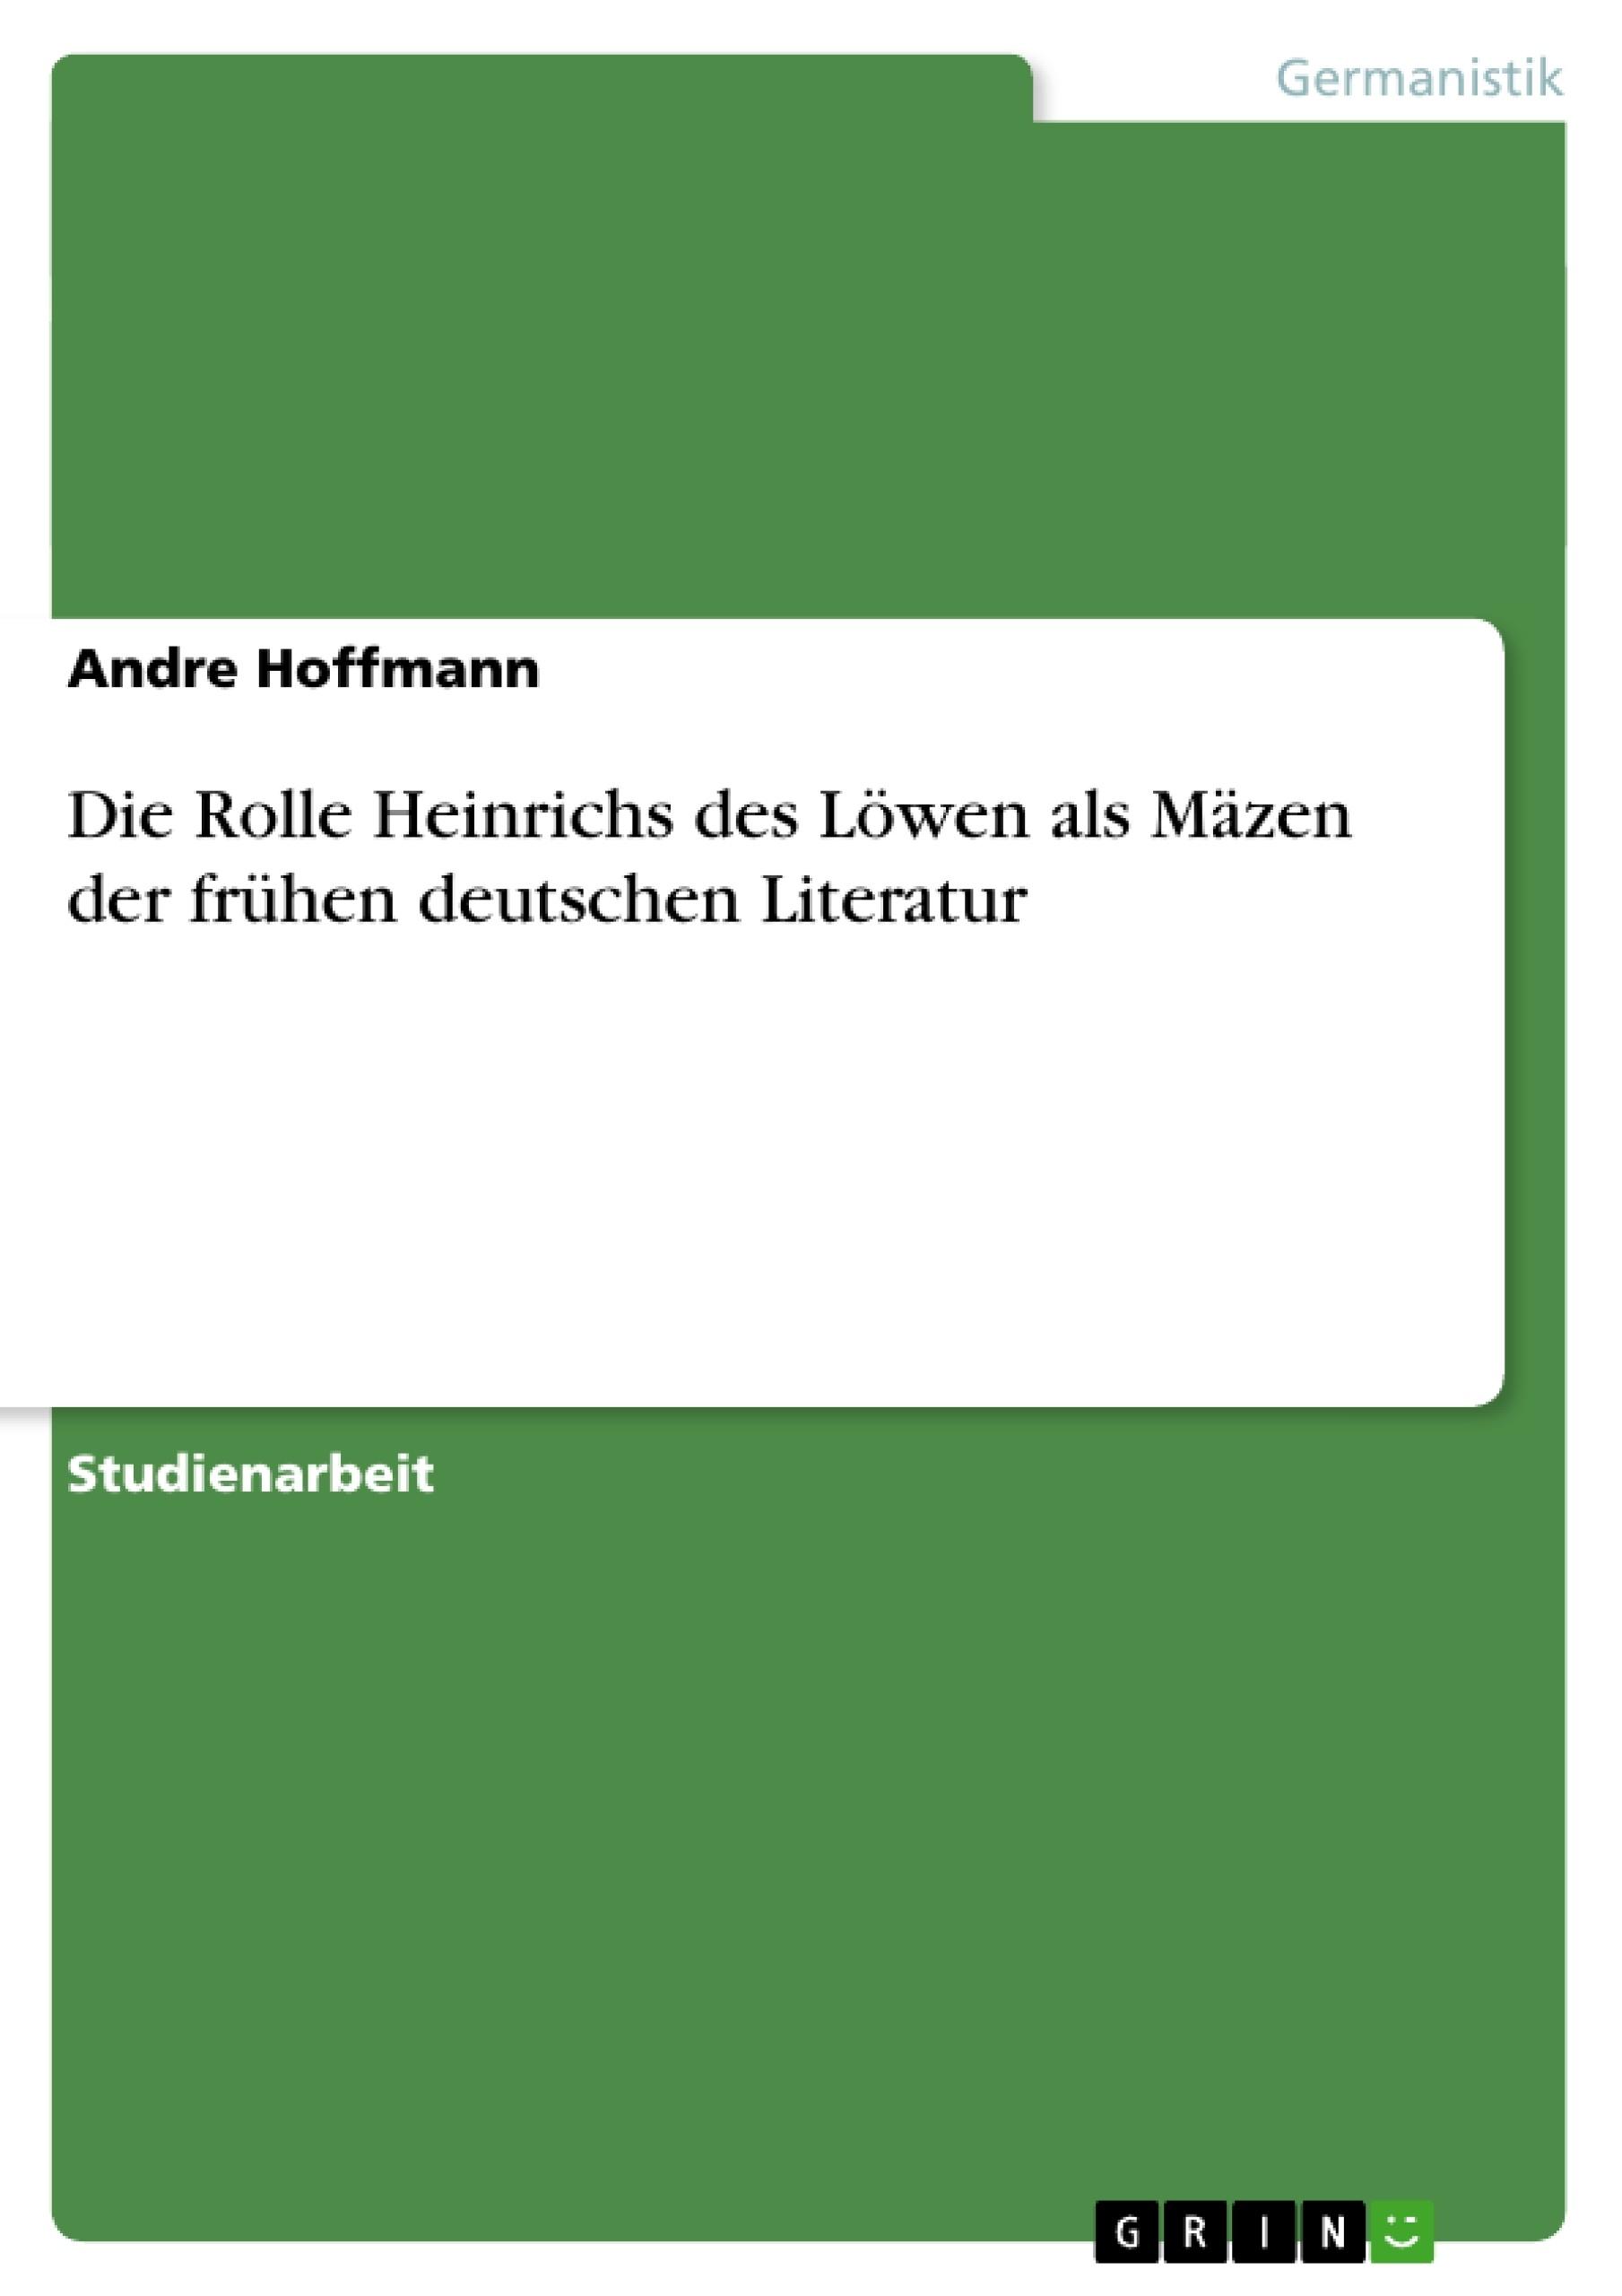 Titel: Die Rolle Heinrichs des Löwen als Mäzen der frühen deutschen Literatur